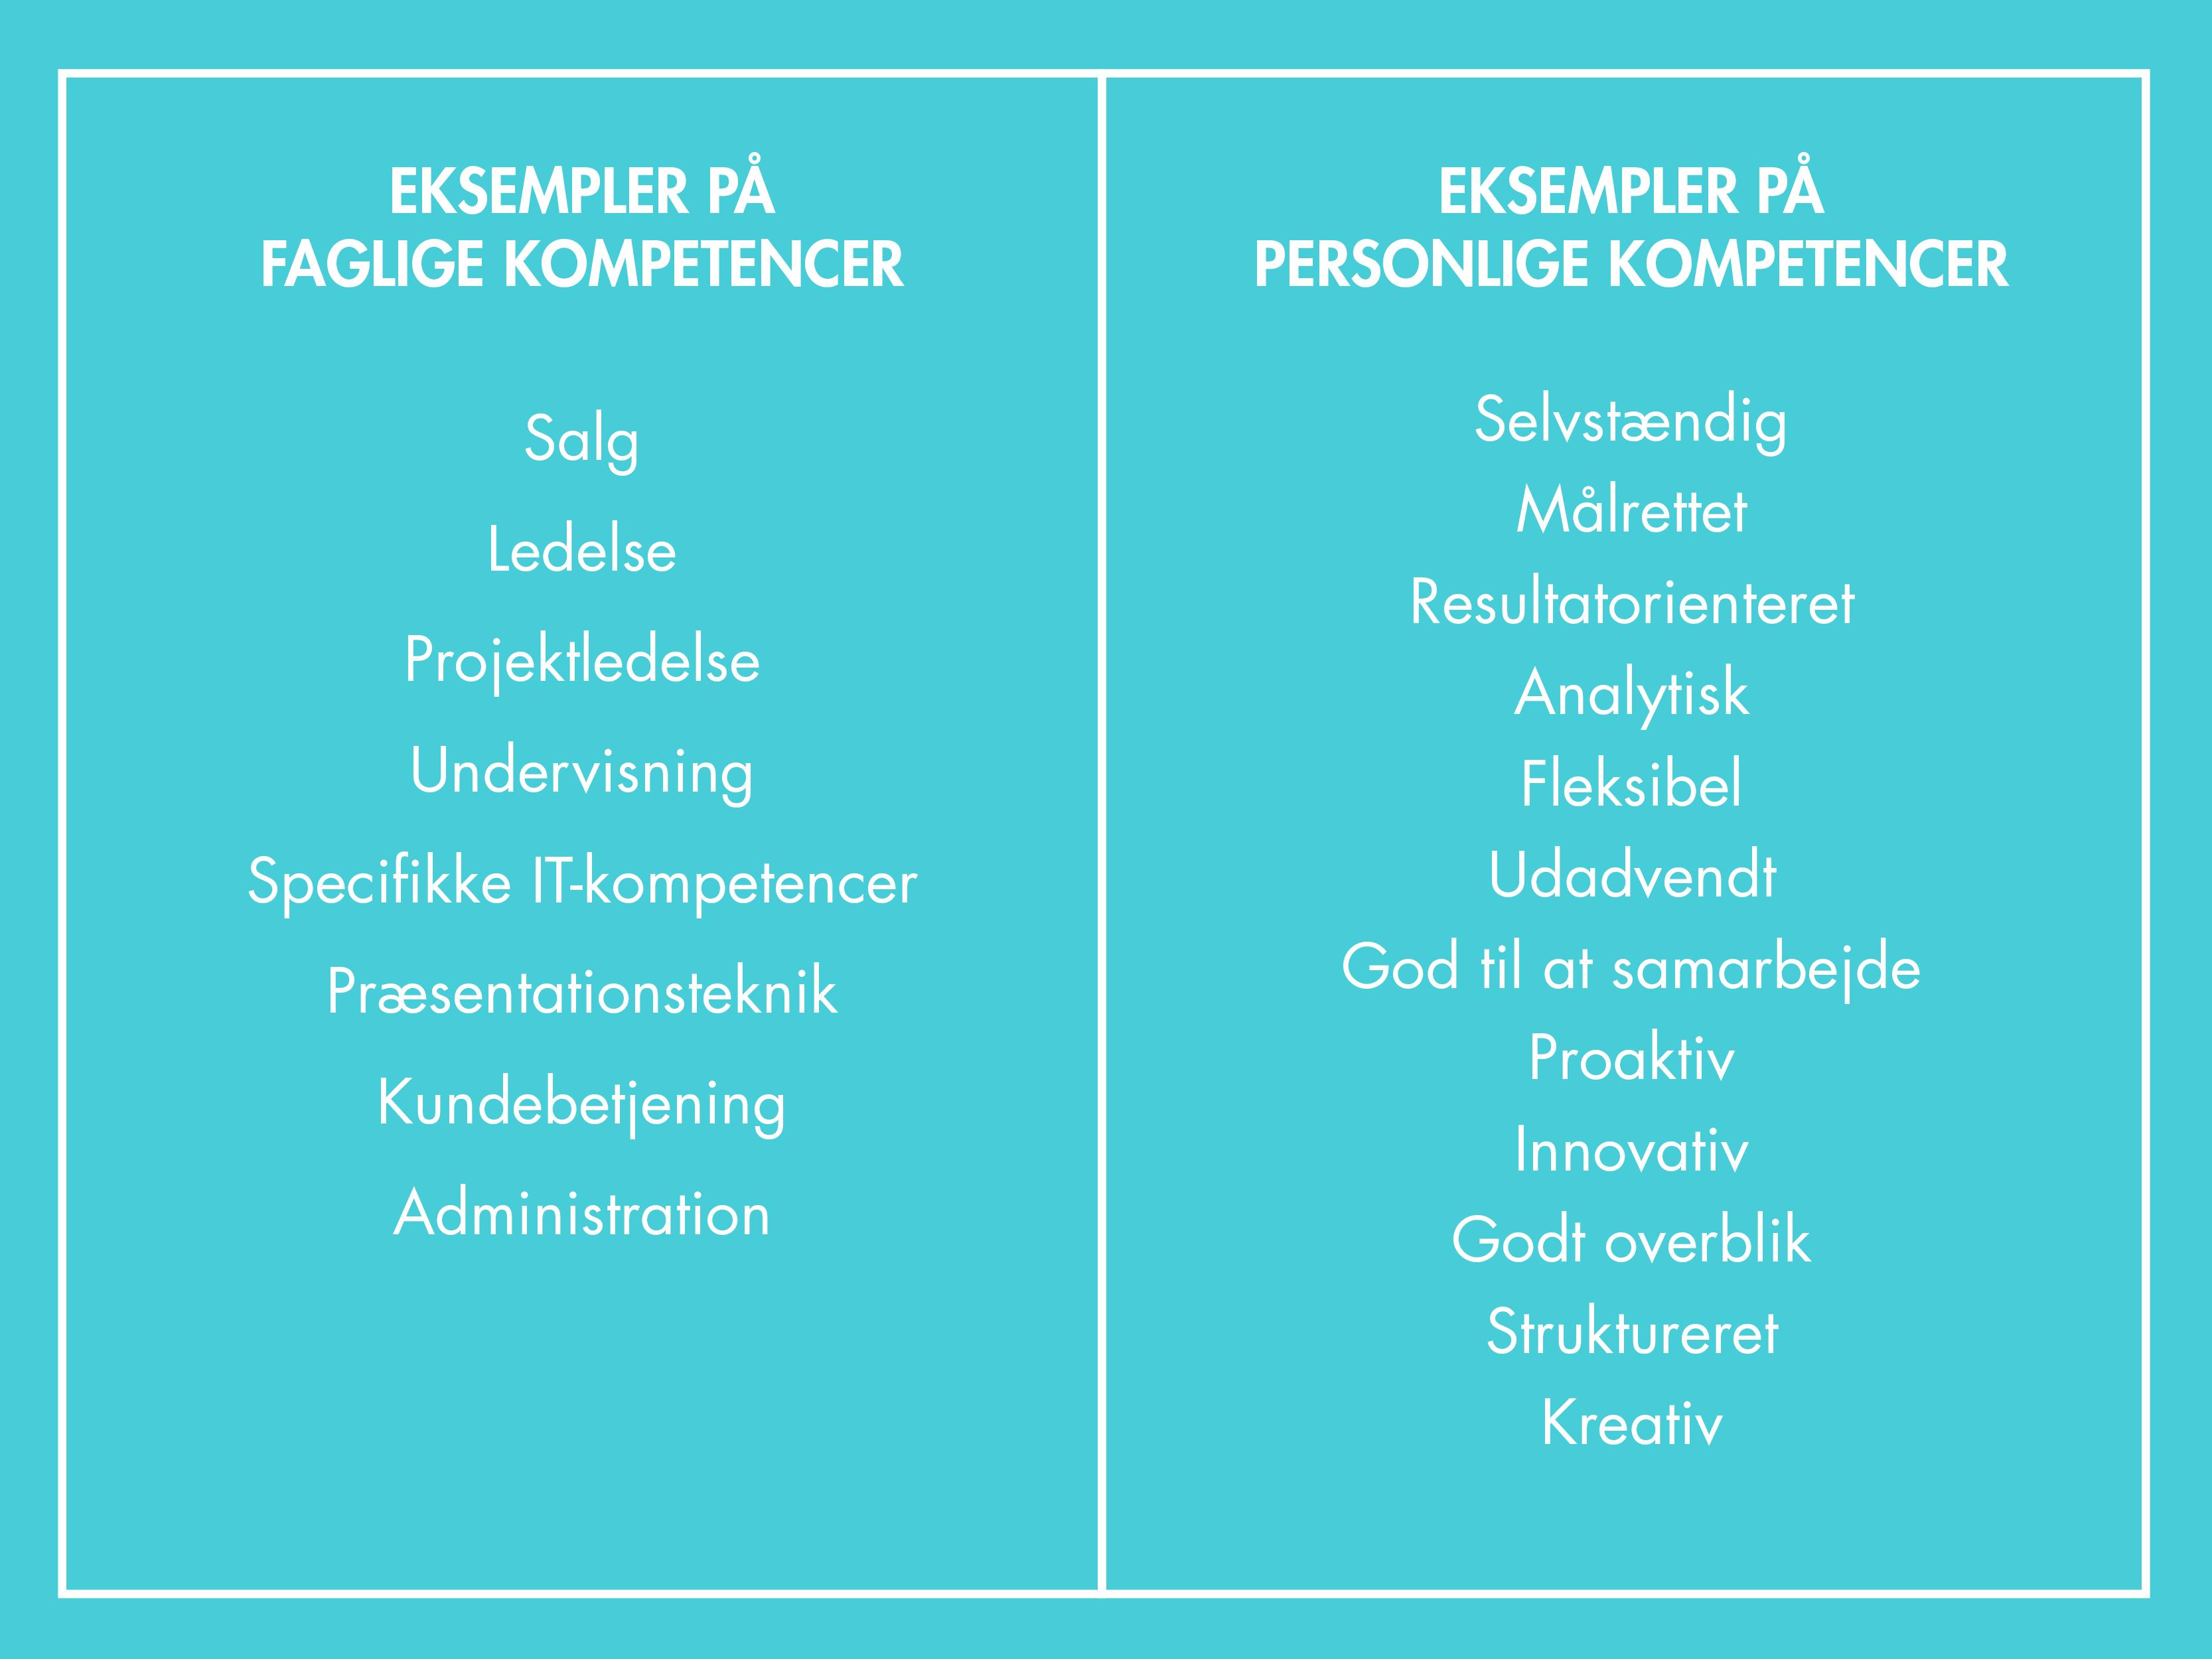 Faglige kompetencer og personlige kompetencer